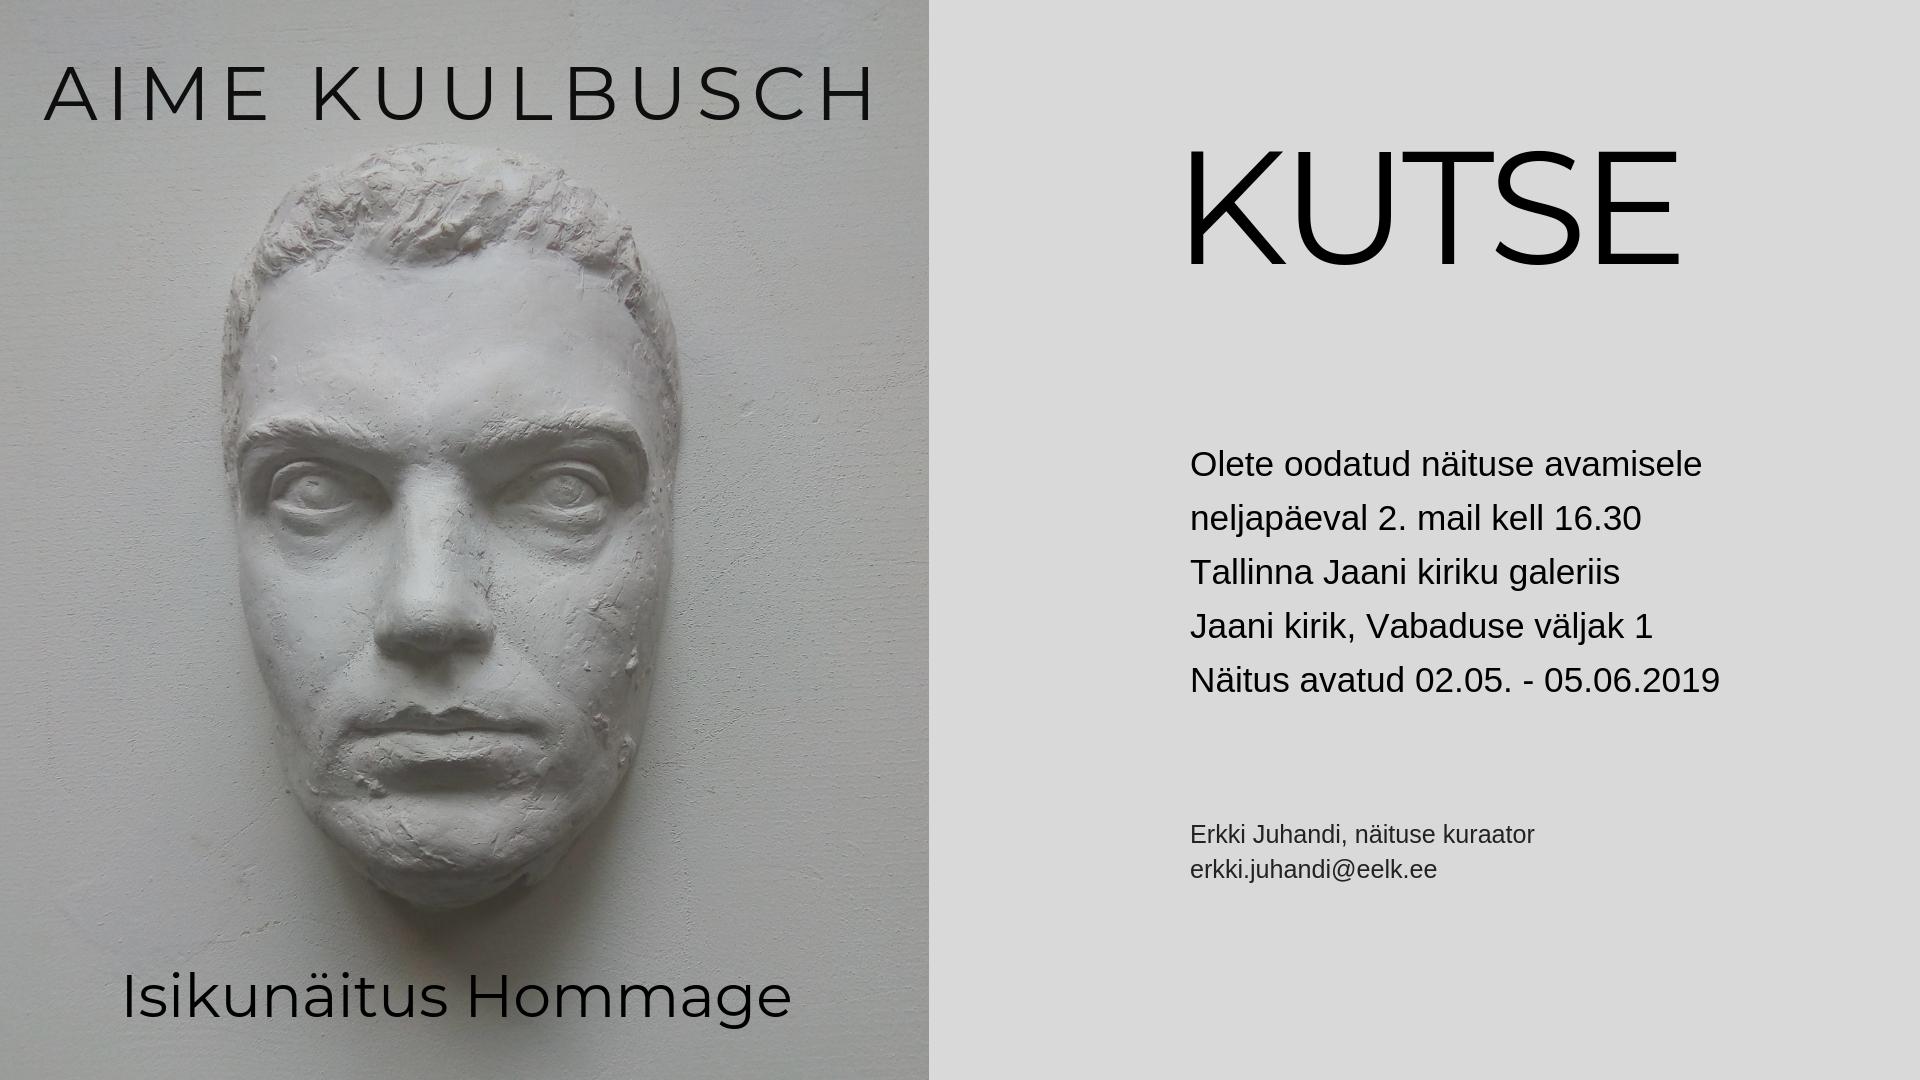 Aime Kuulbuch